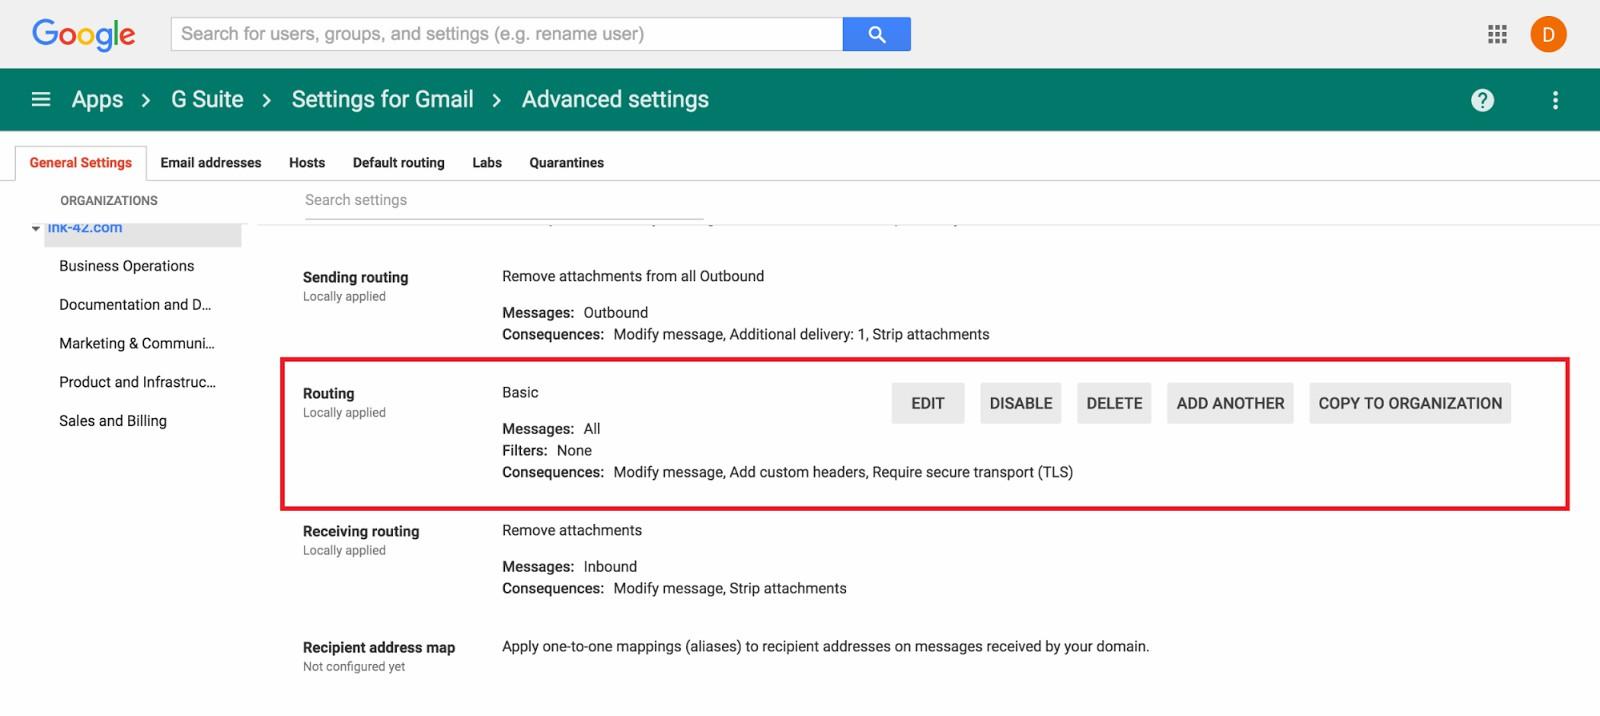 Come configurare il mio account Gmail su Android e iOS 1